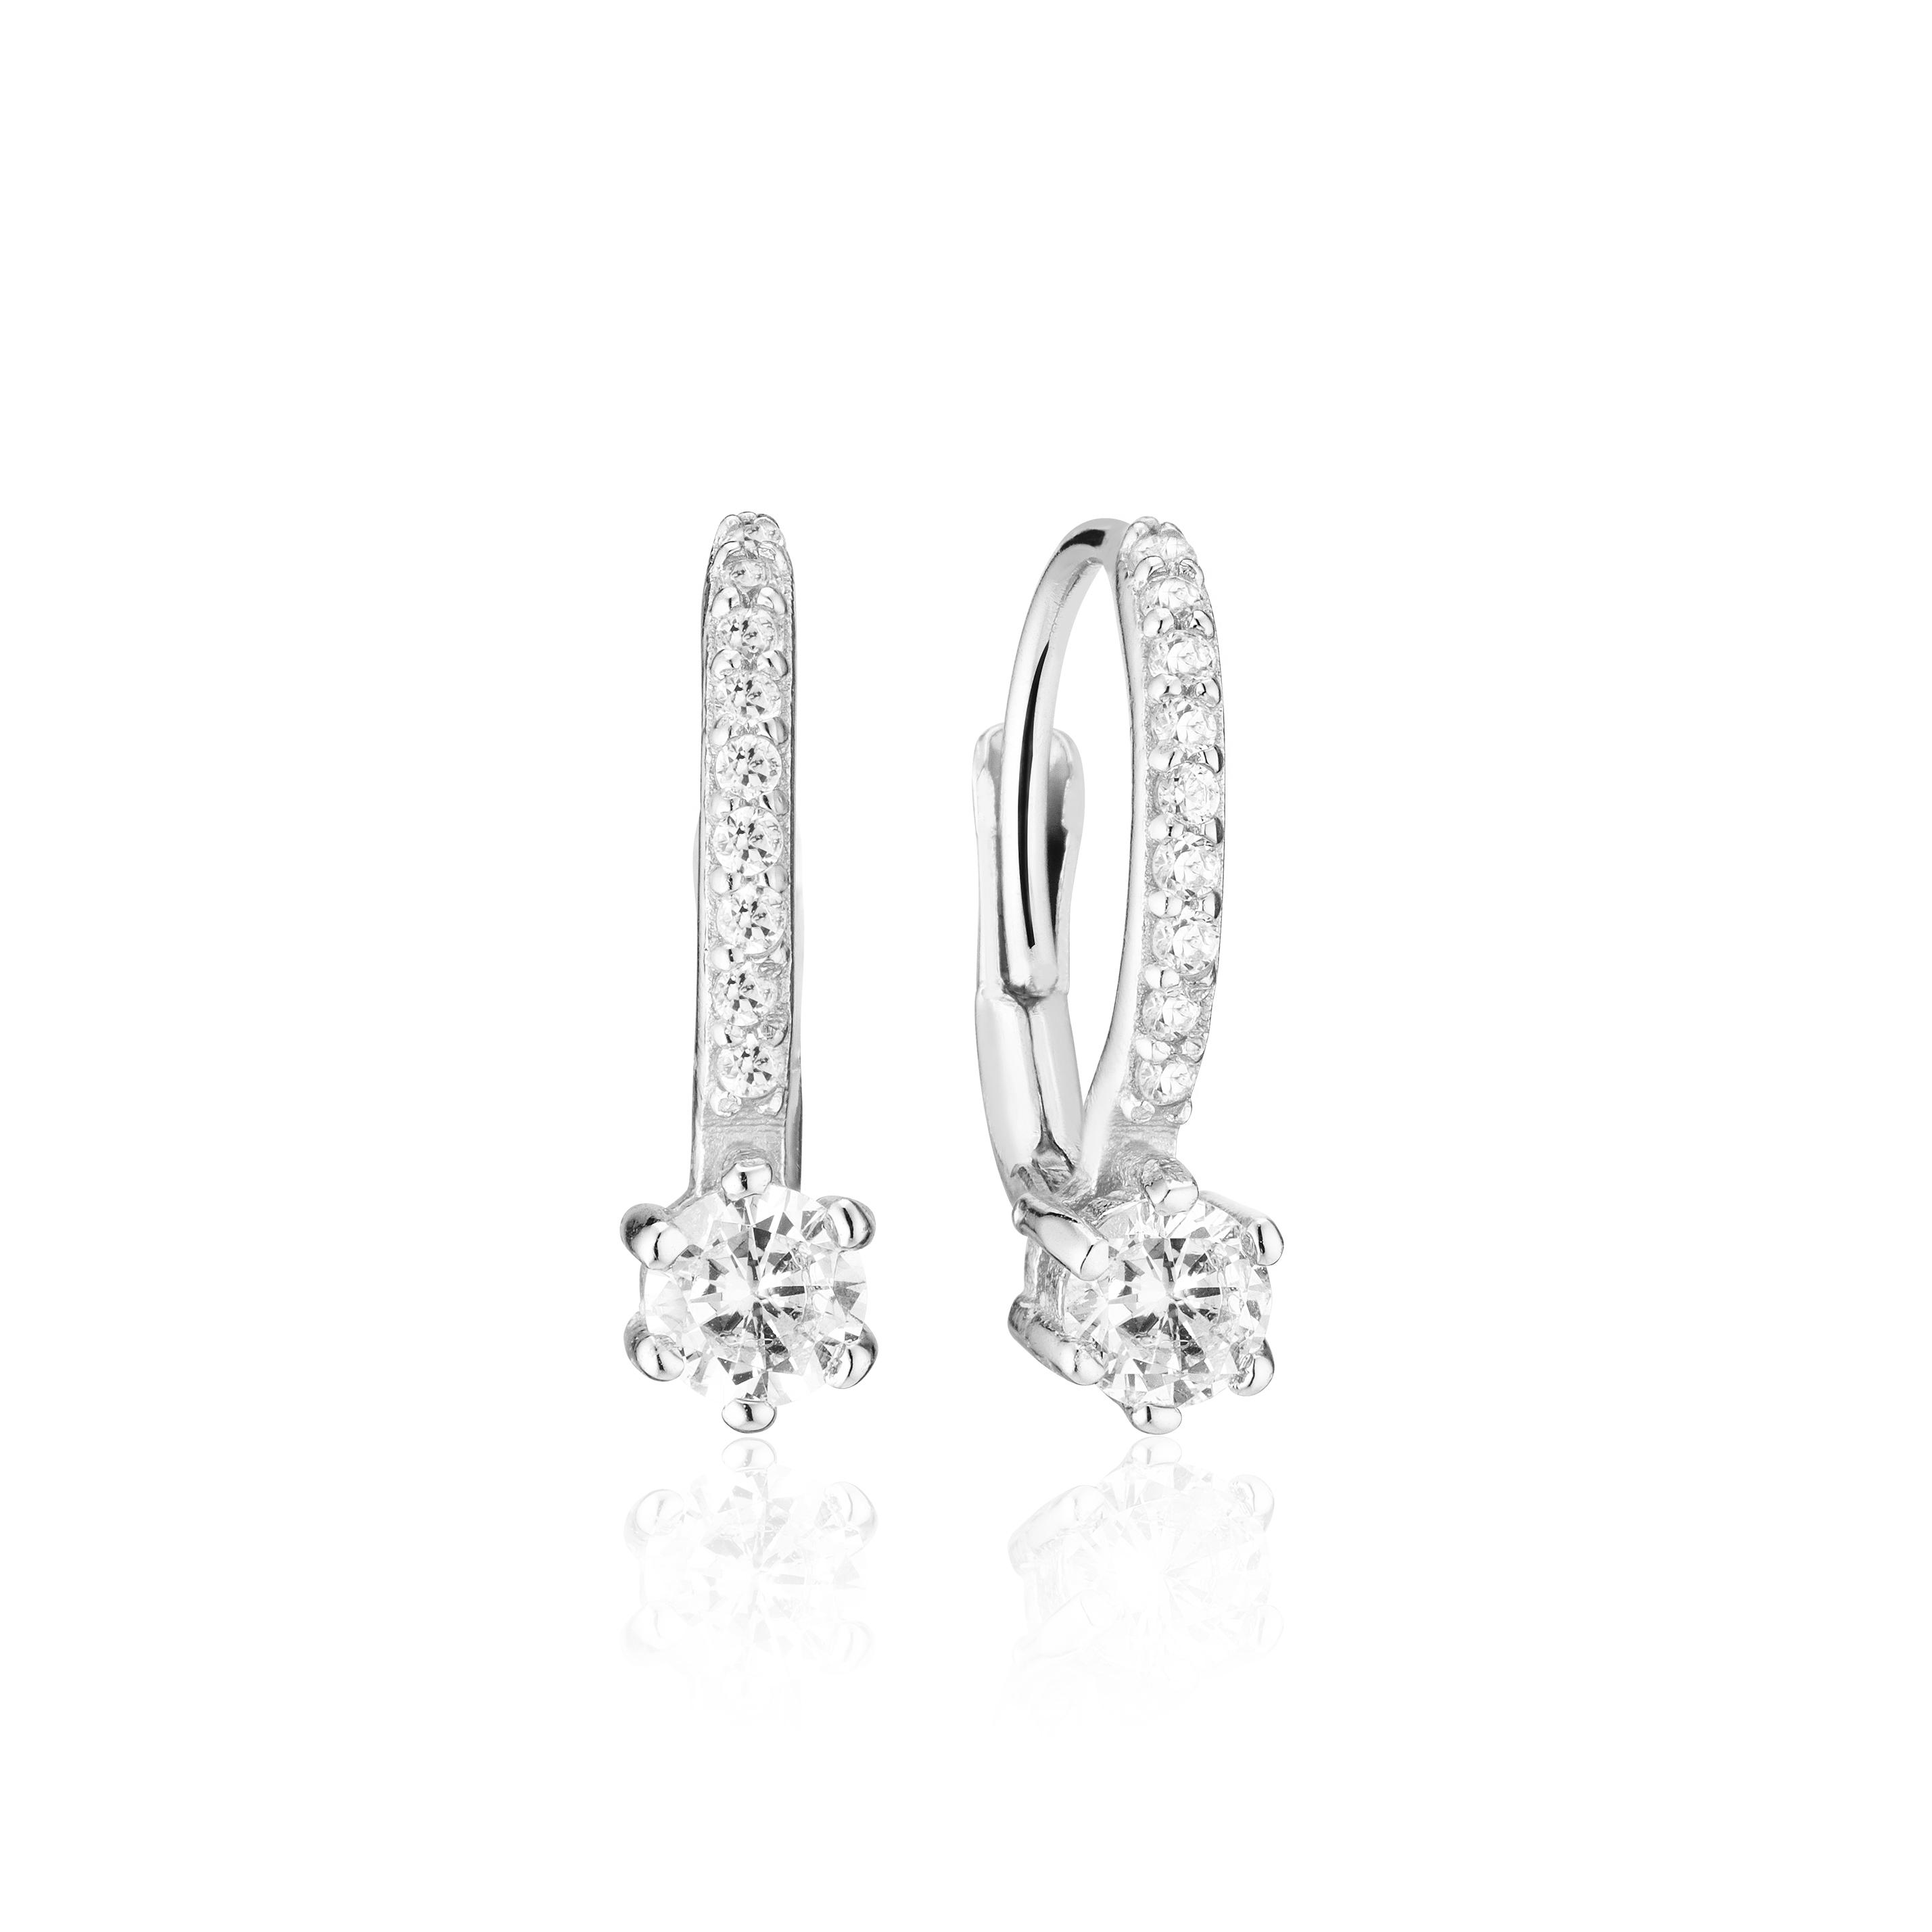 Sif Jakobs Jewellery Rimini Altro øreringe, sølv/hvid